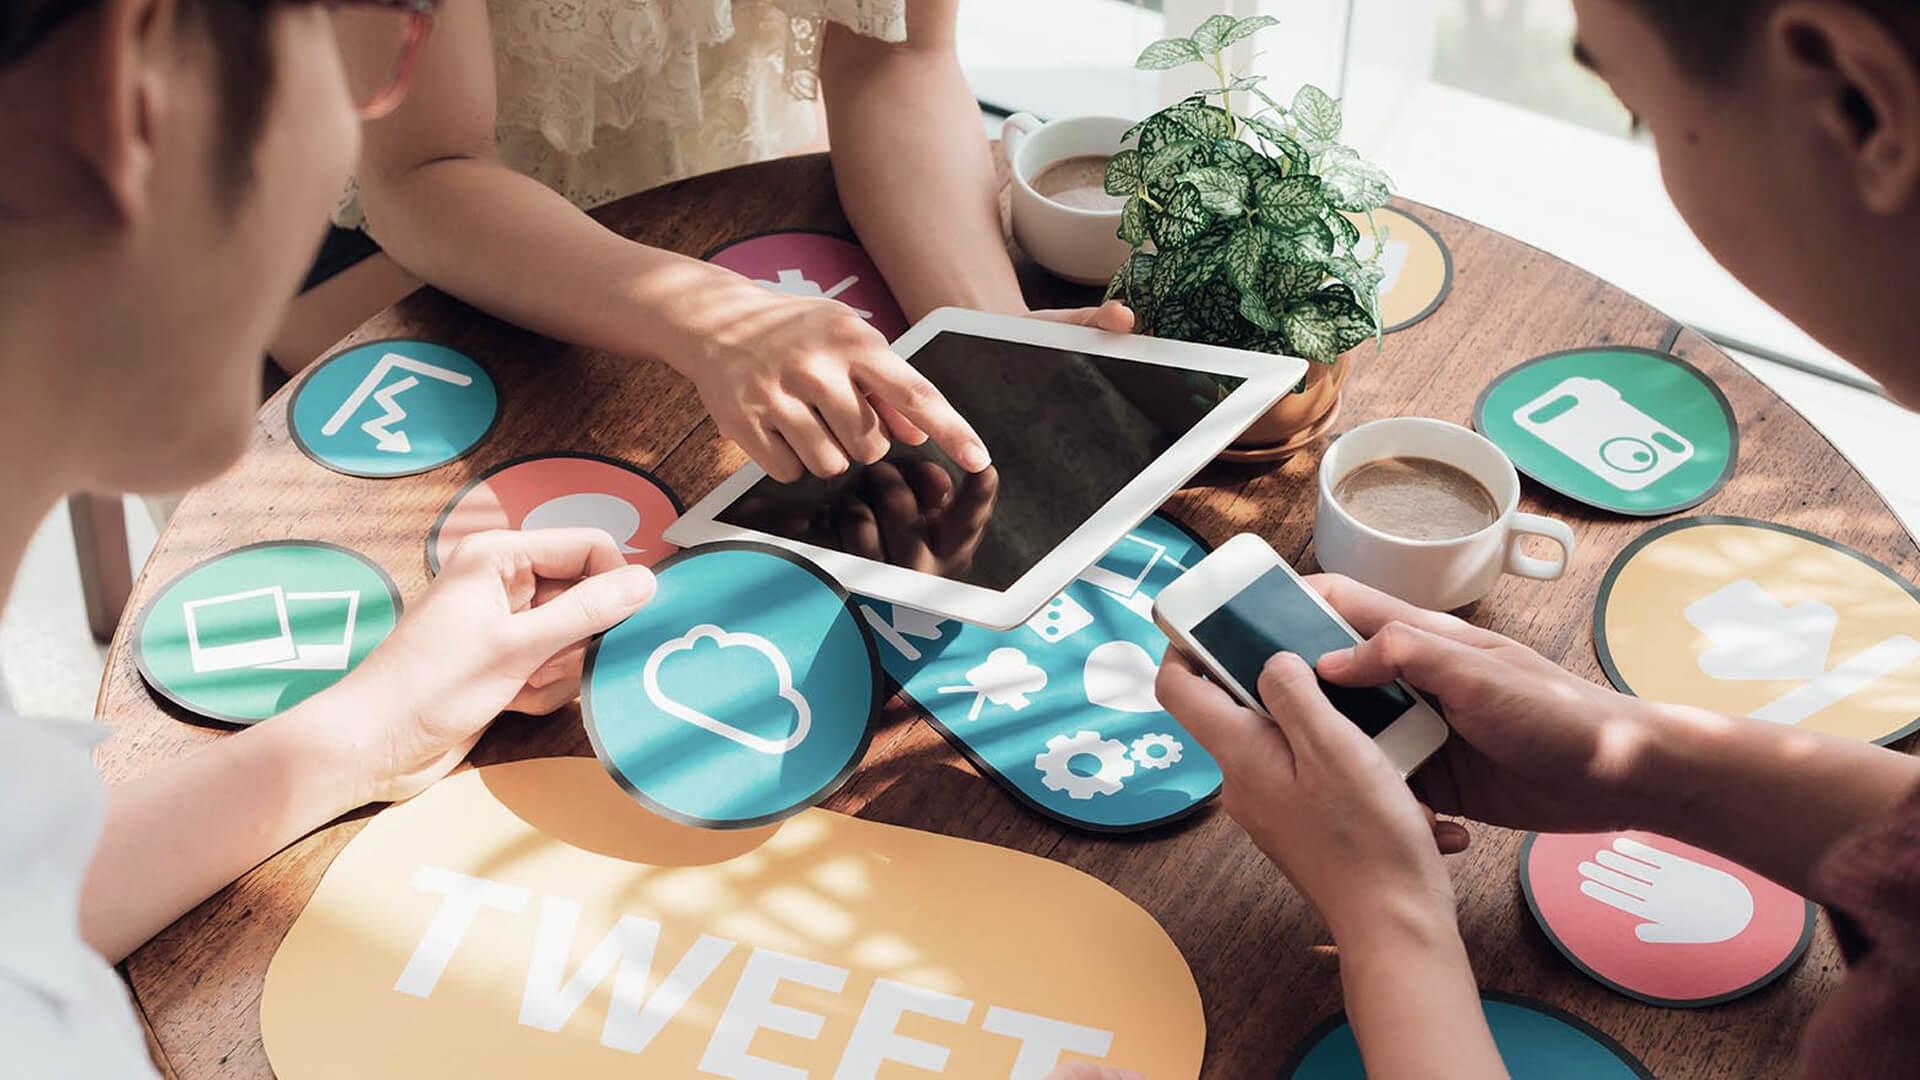 ведение групп в соцсетях